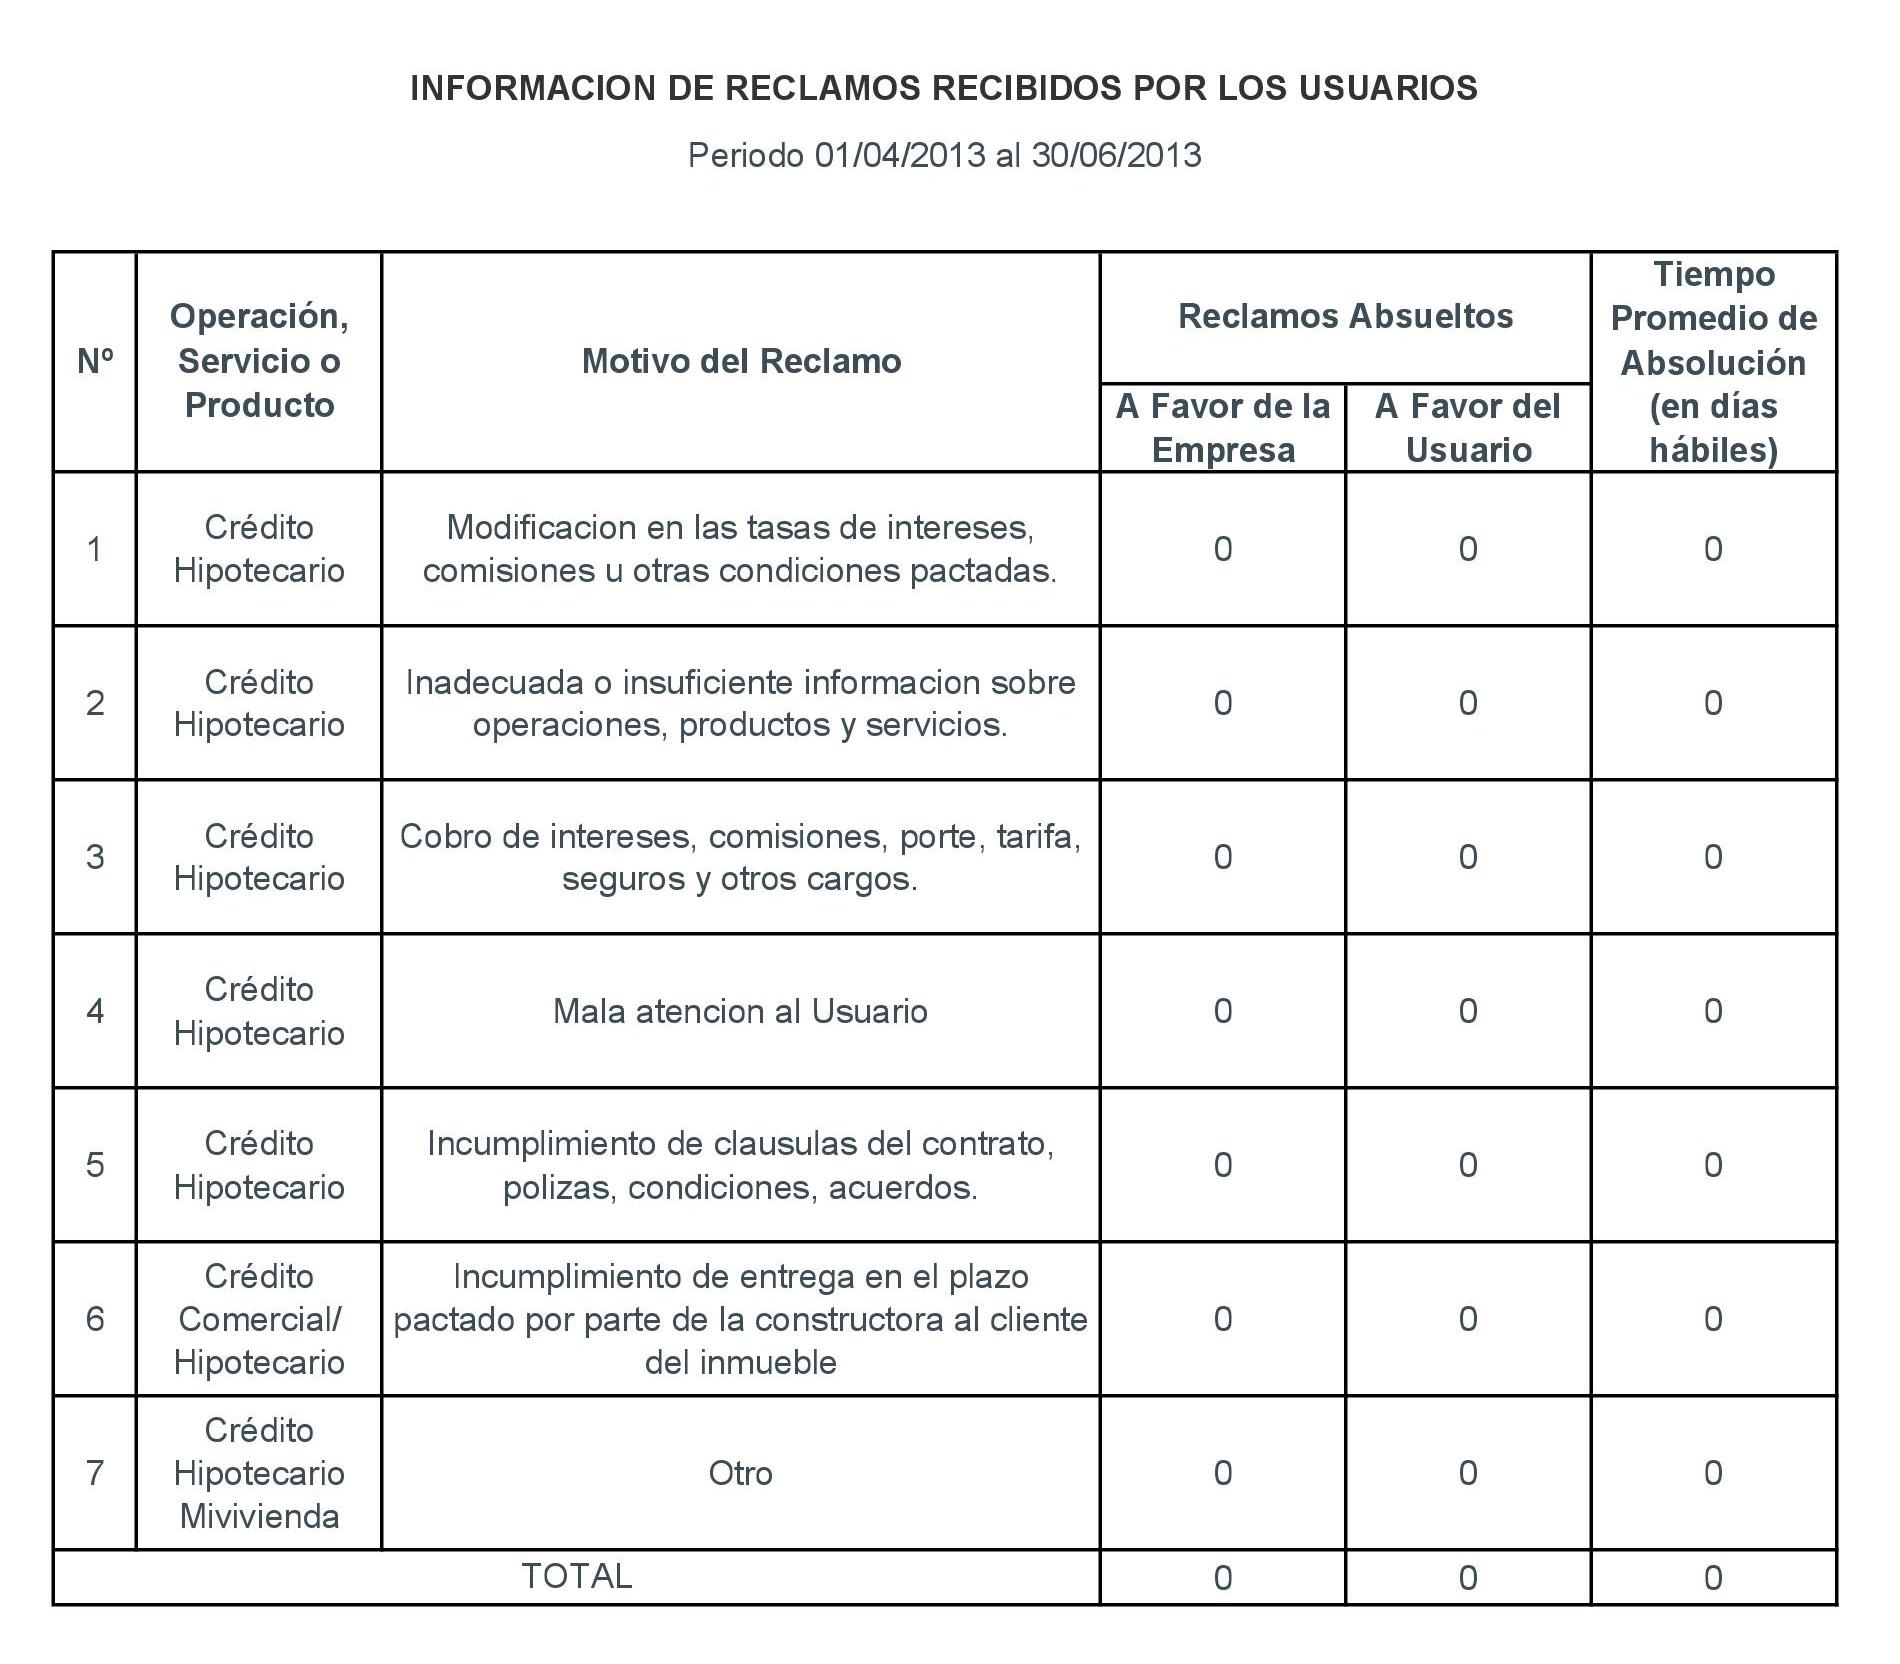 Periodo 01-04-2013 al 31-06-2013